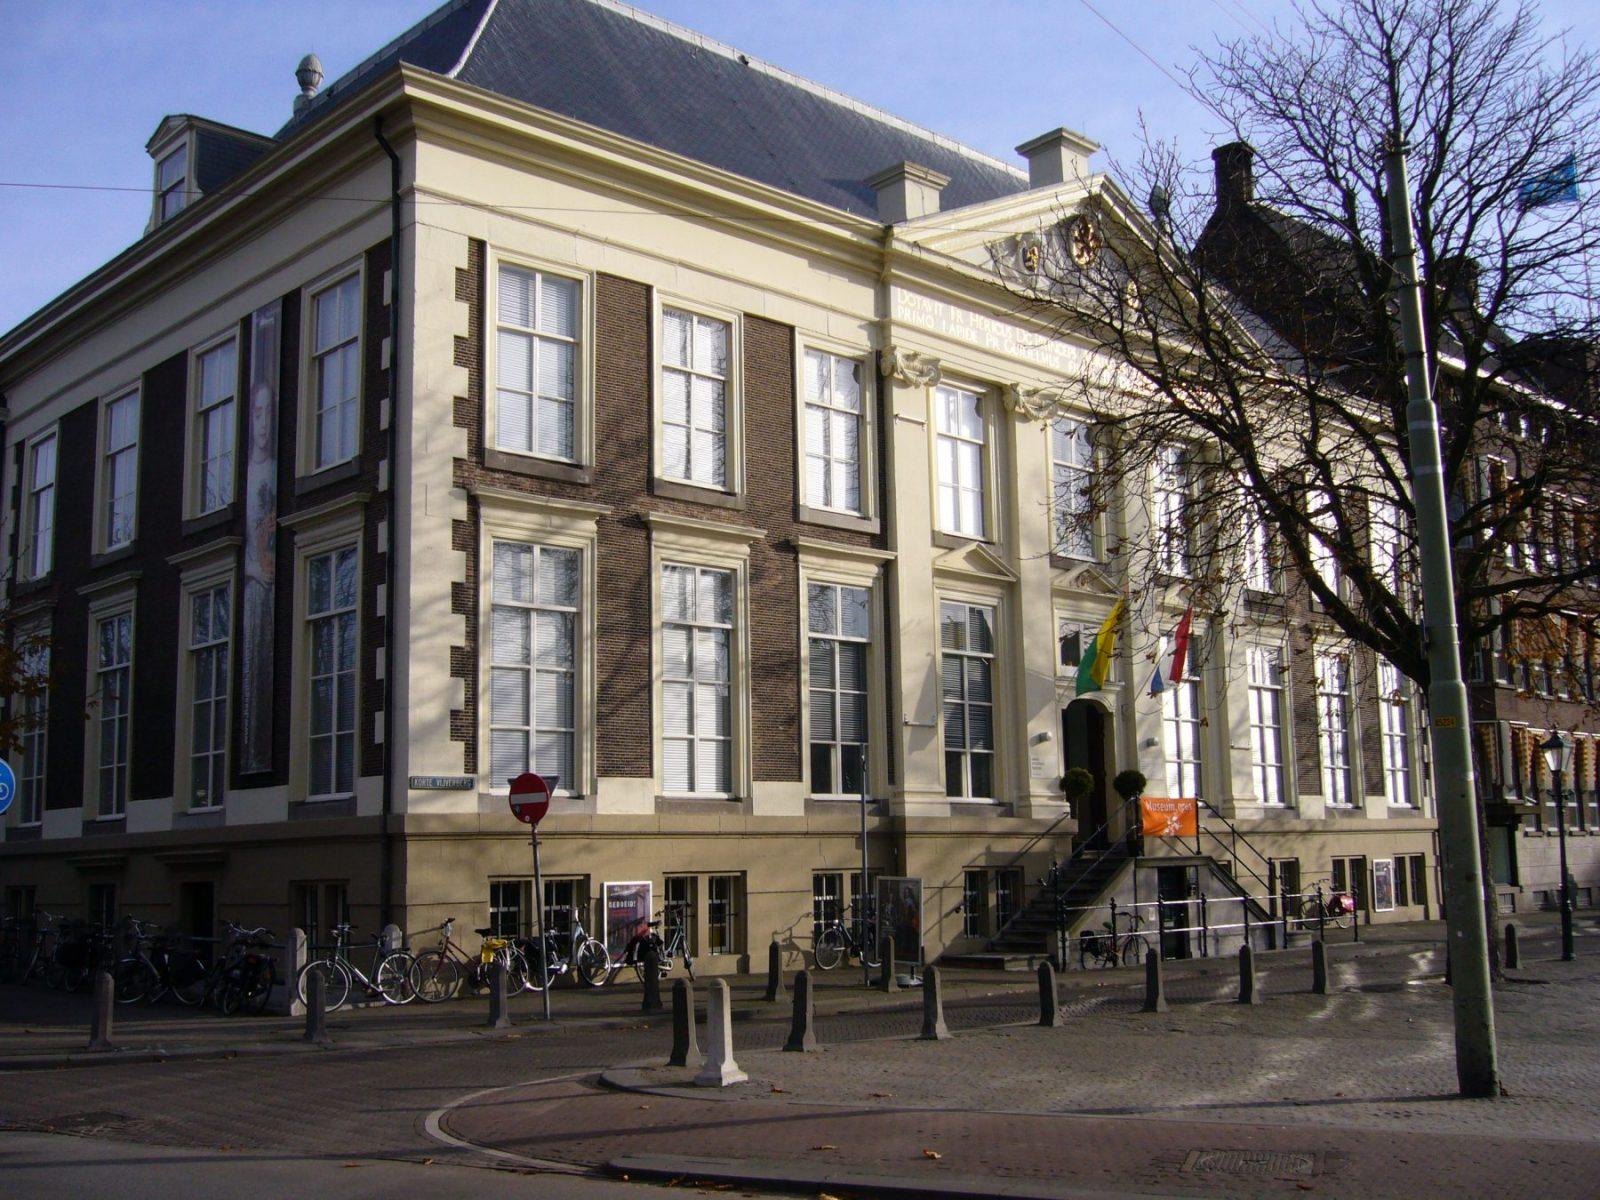 Haags_Historisch_Museum Veteranendag